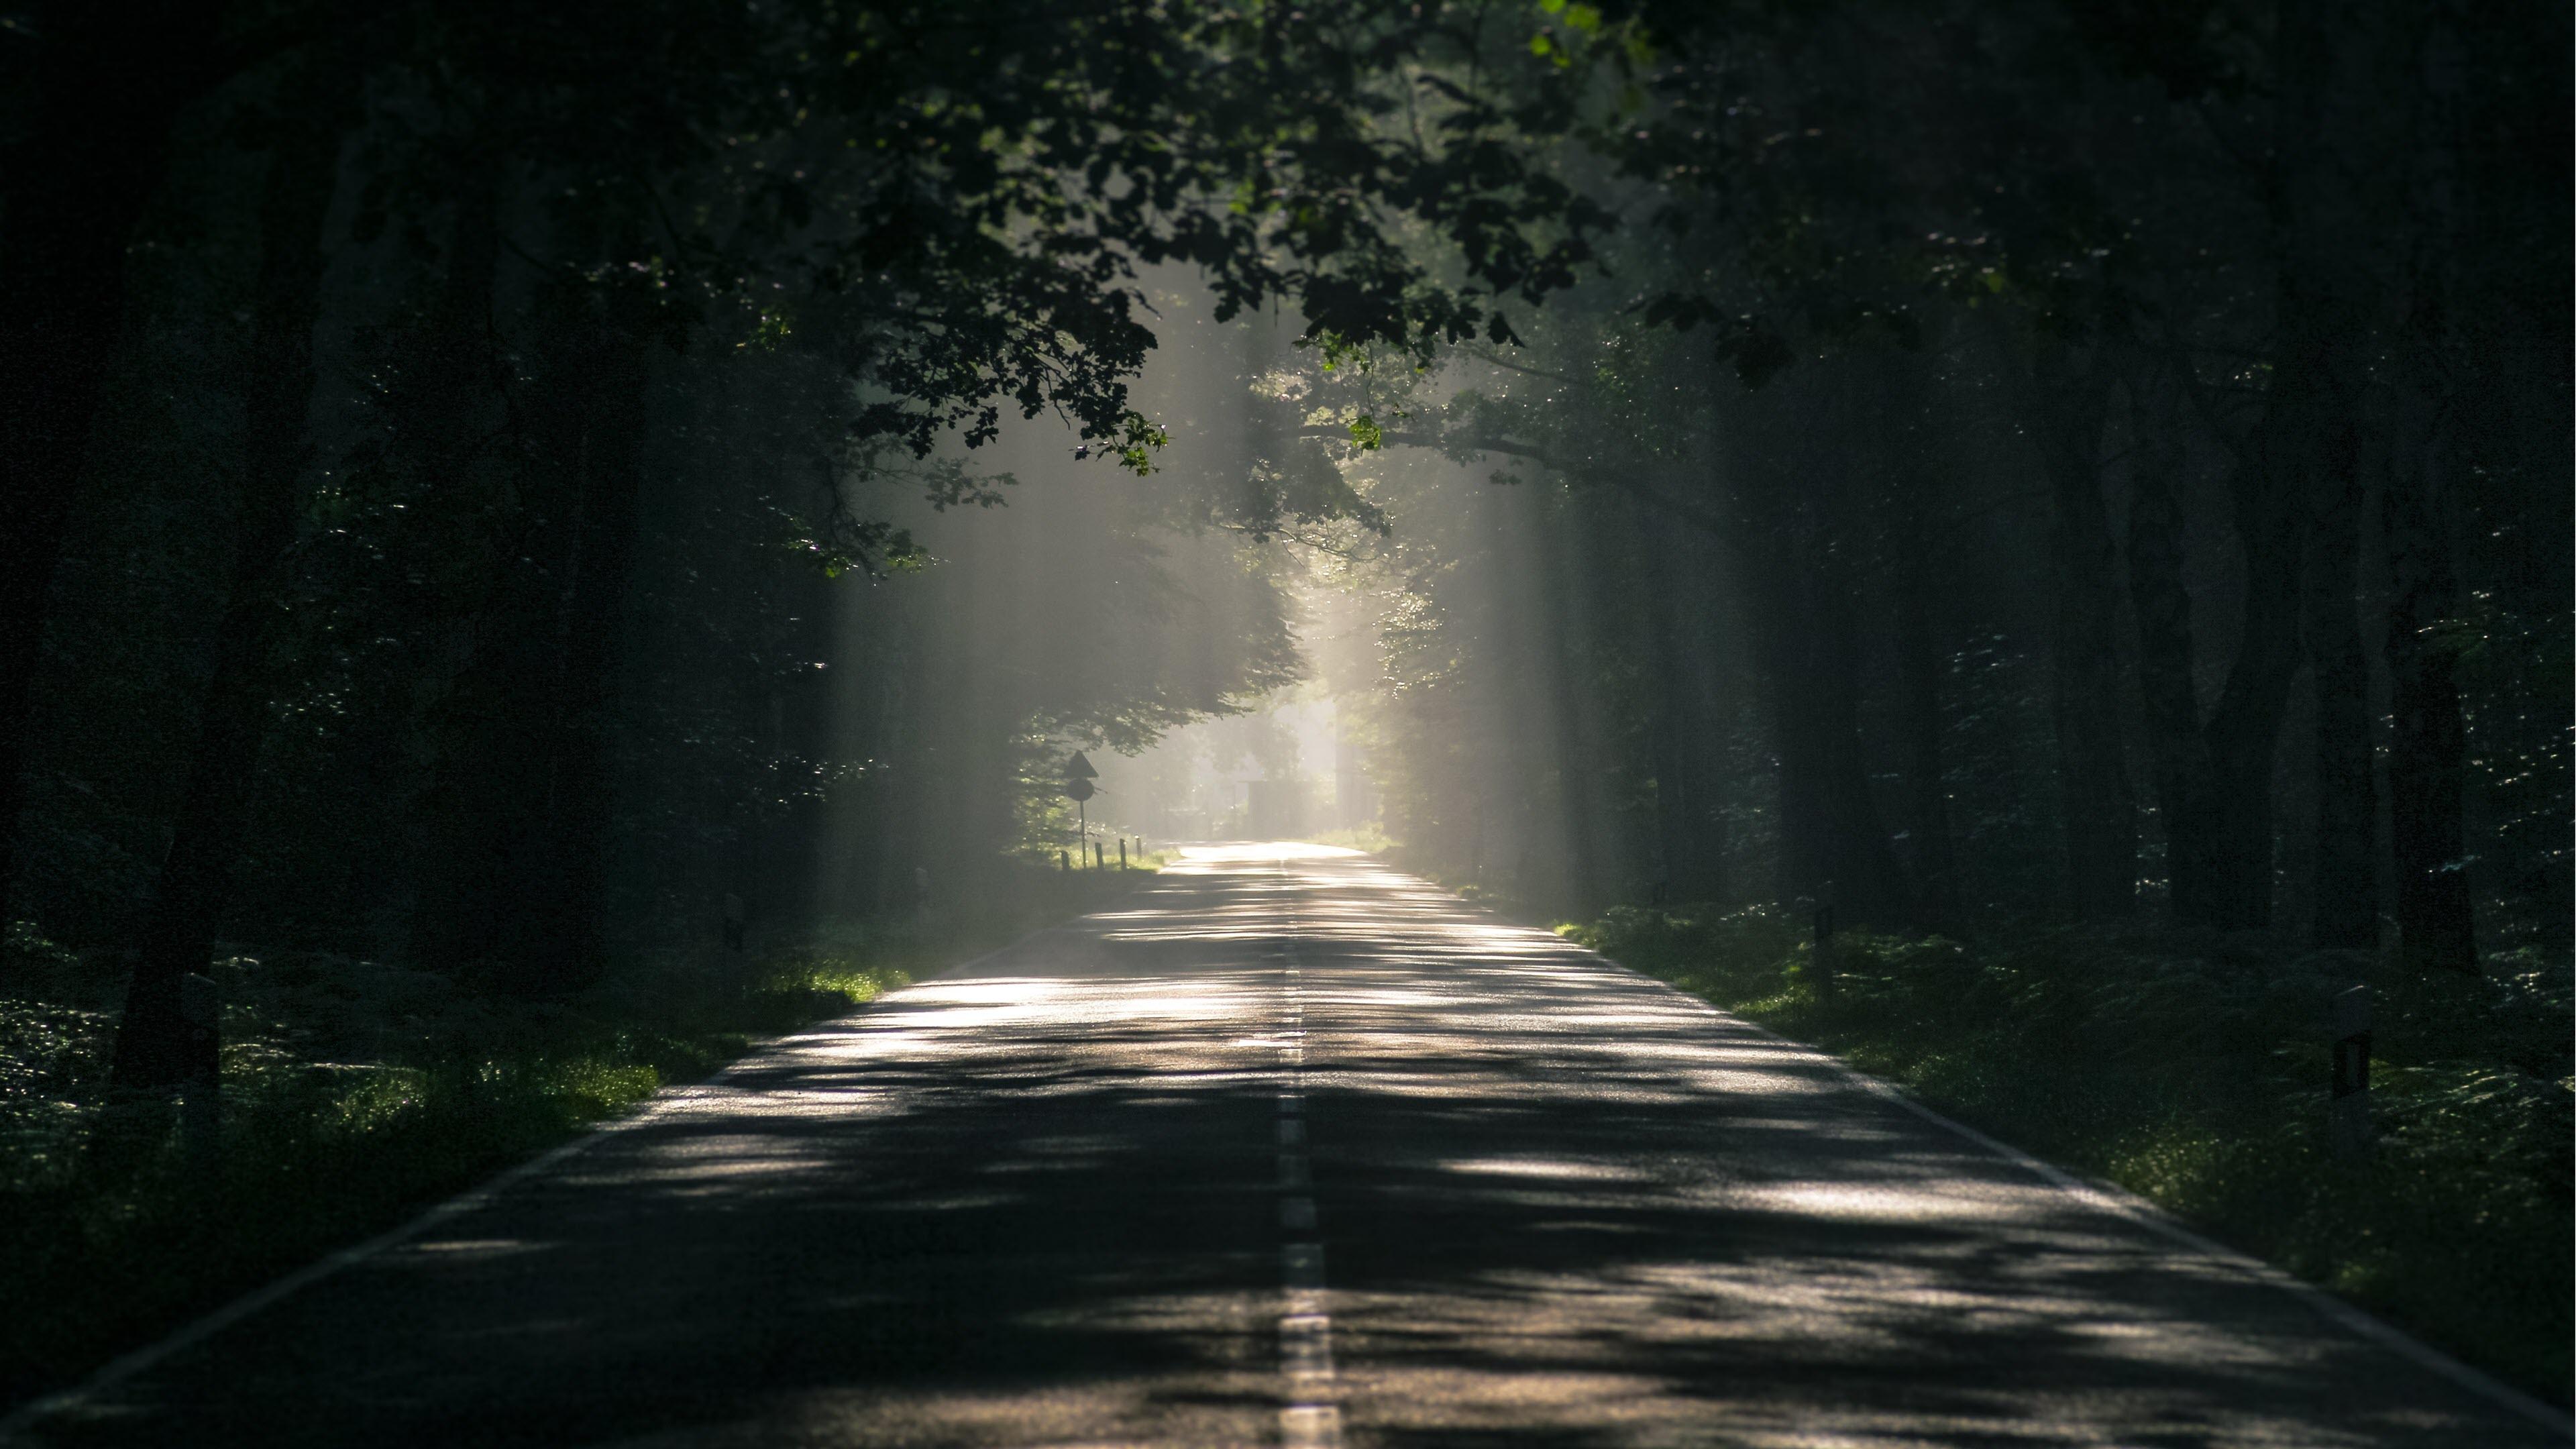 Hình nền con đường đơn giản